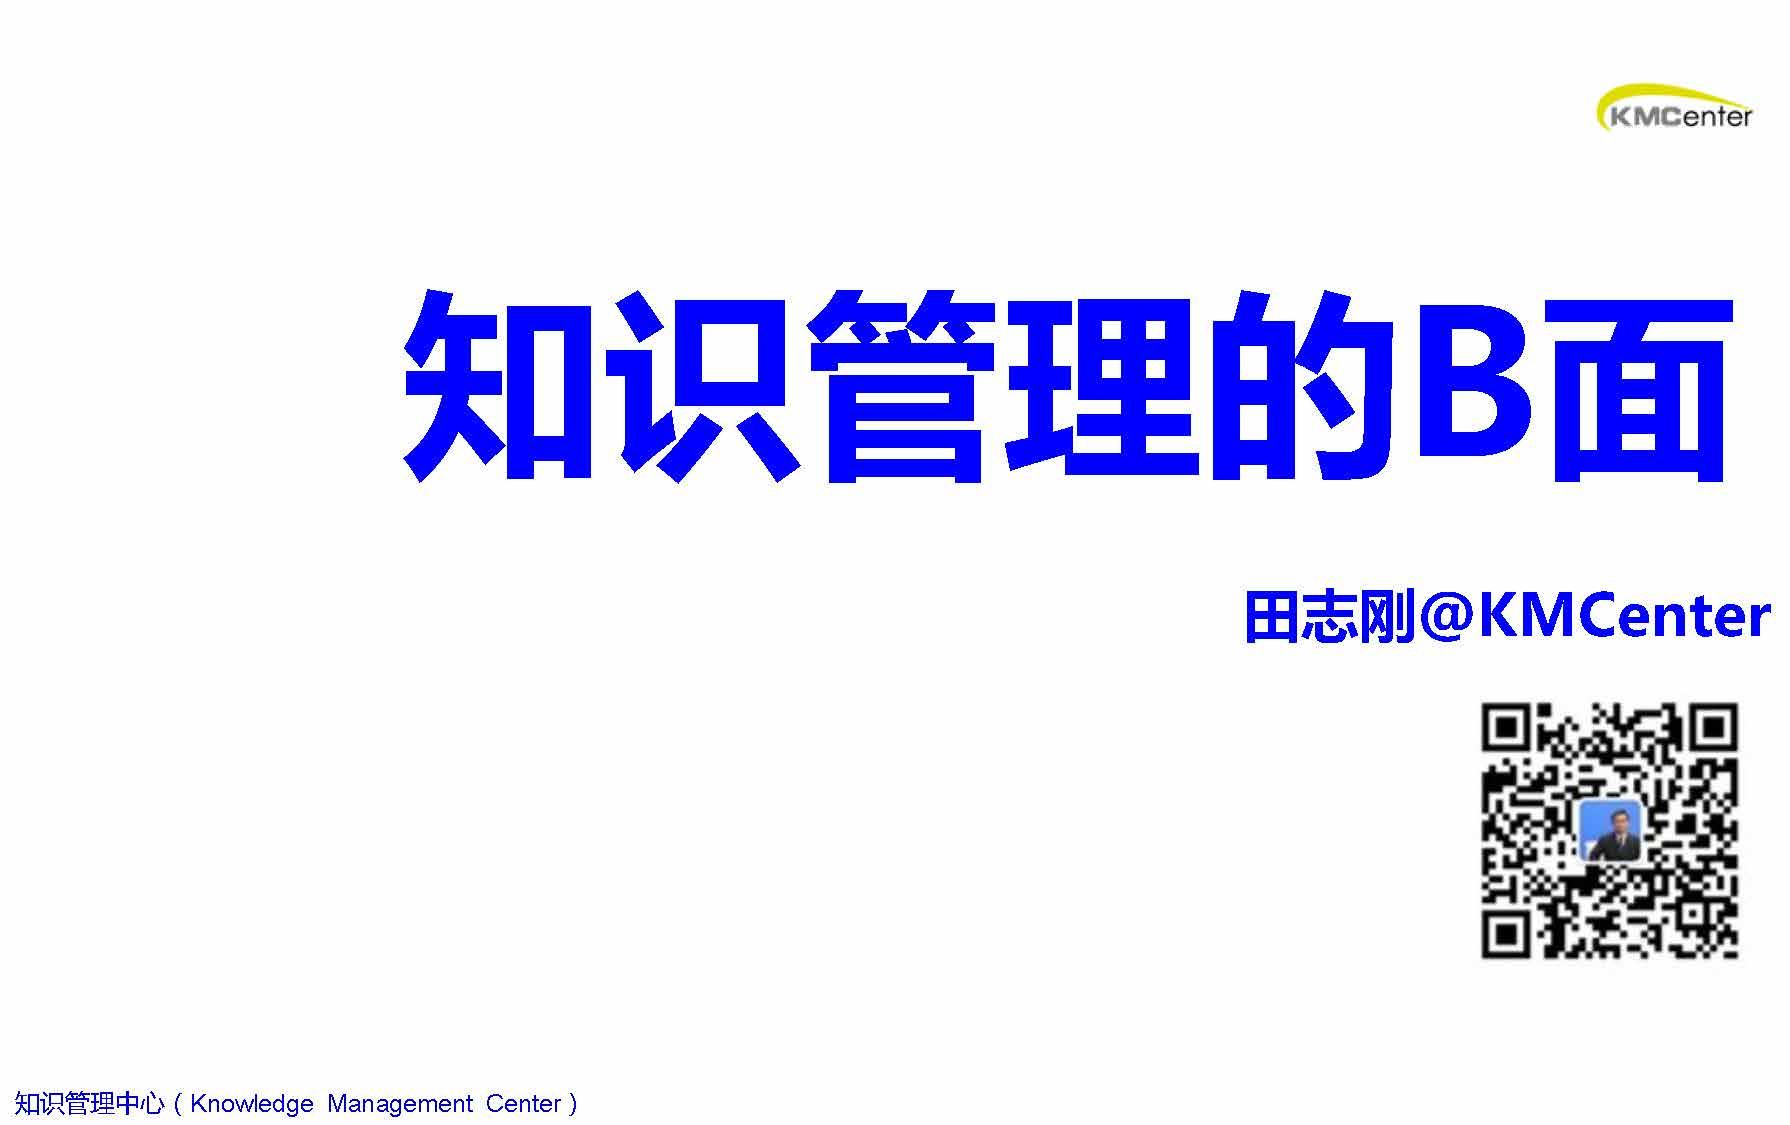 田志刚-知识管理的B面